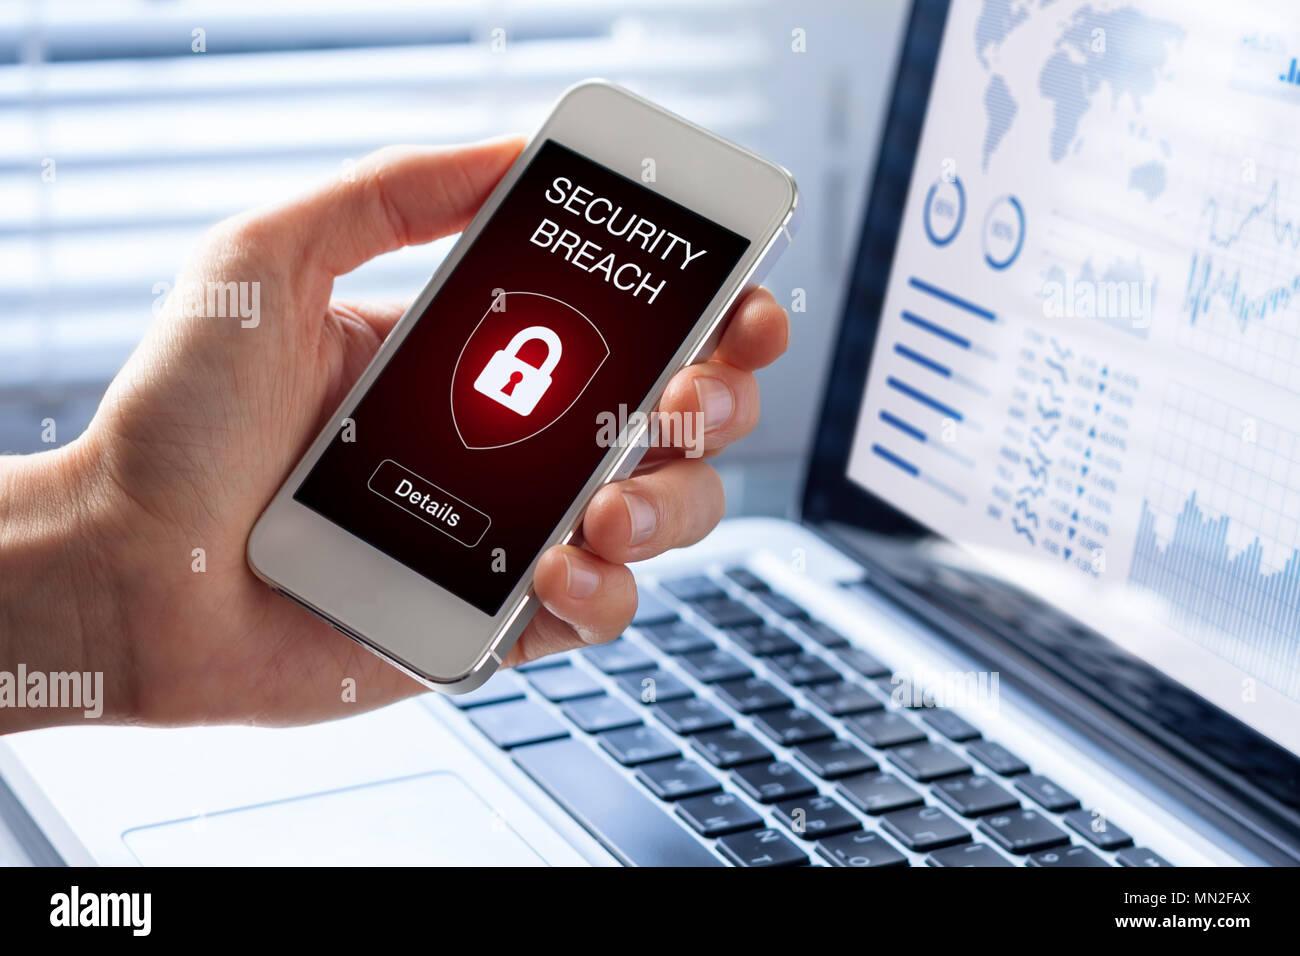 Verletzung der Sicherheit Warnung der Bildschirm des Smartphones, Gerät durch Internet Virus oder Malware infiziert nach Abwehr von Cyberattacken durch Hacker, betrugswarnung mit roten Vorhängeschloss i Stockbild